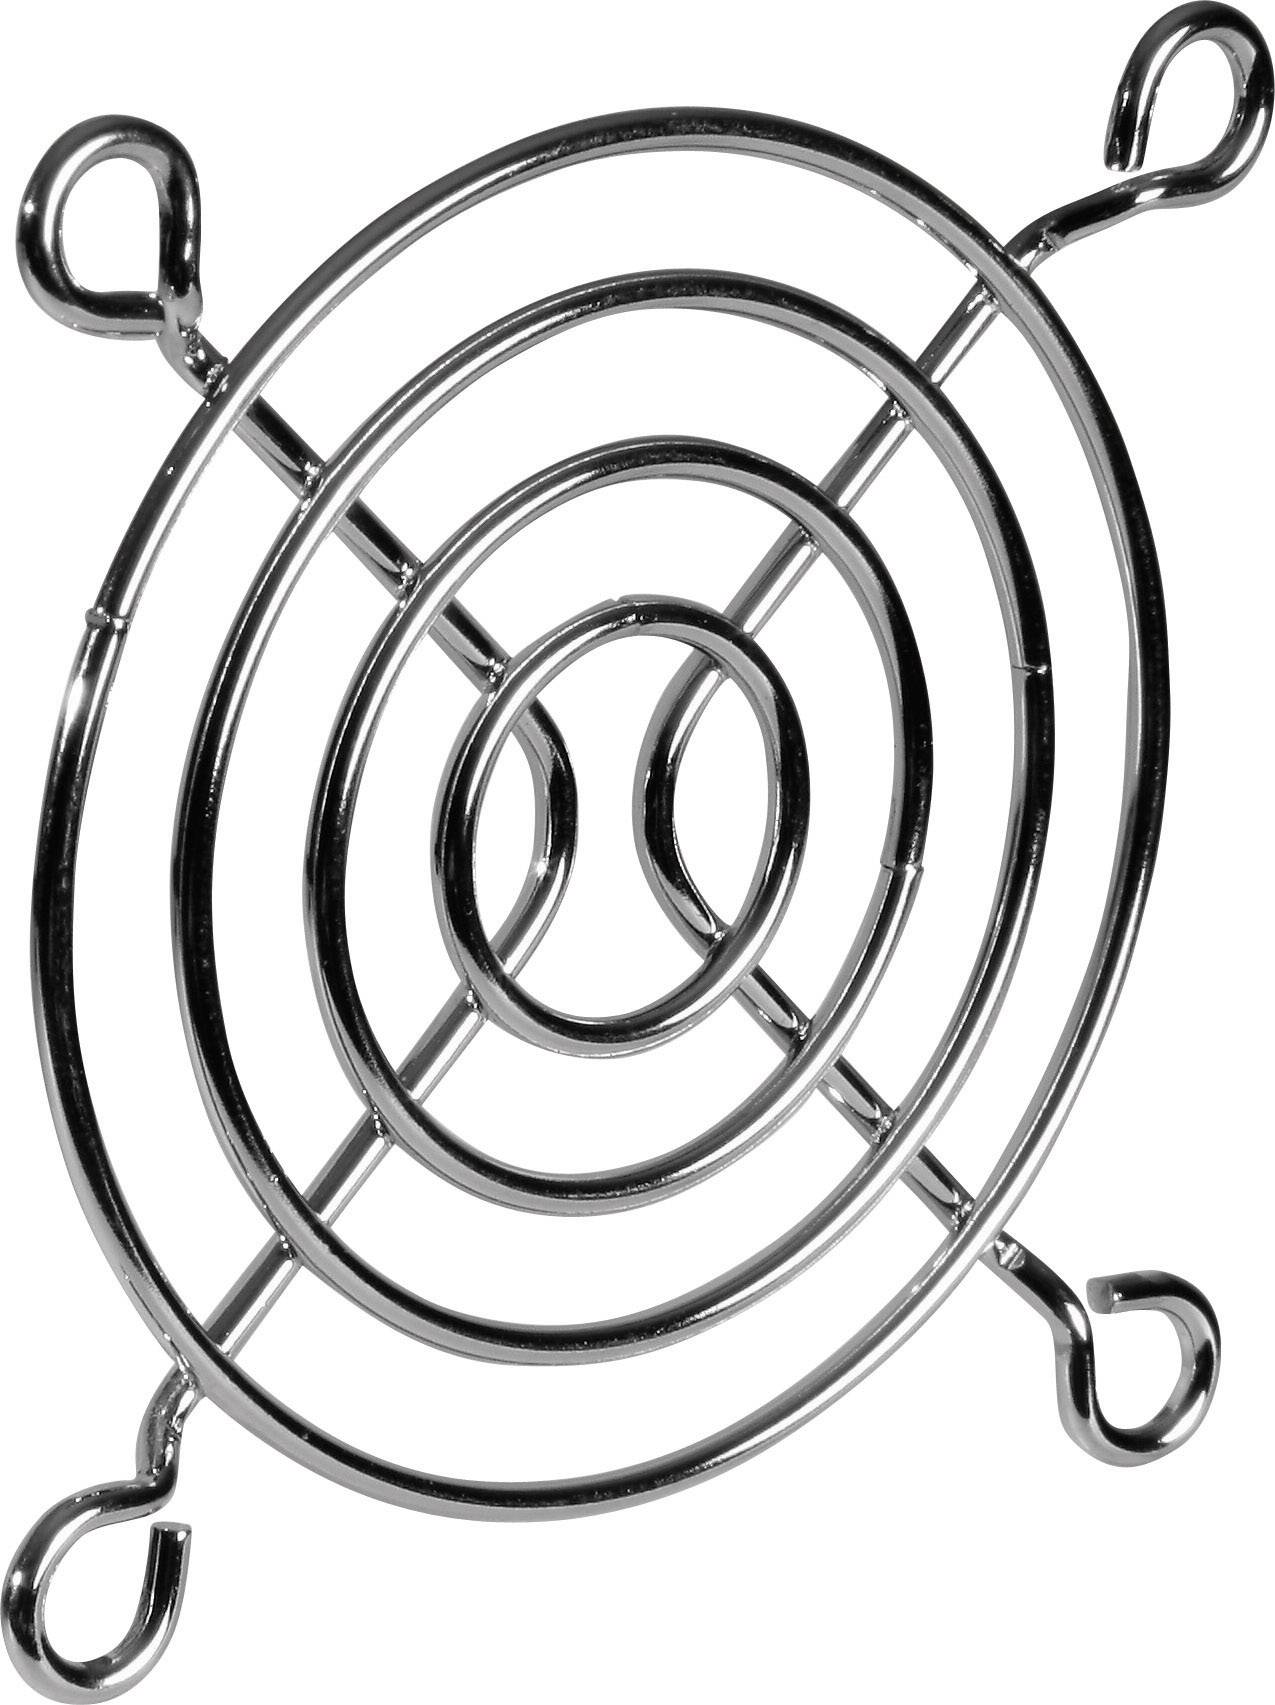 Ochranná mřížka ventilátoru SEPA FG120, 120 mm x 120 mm